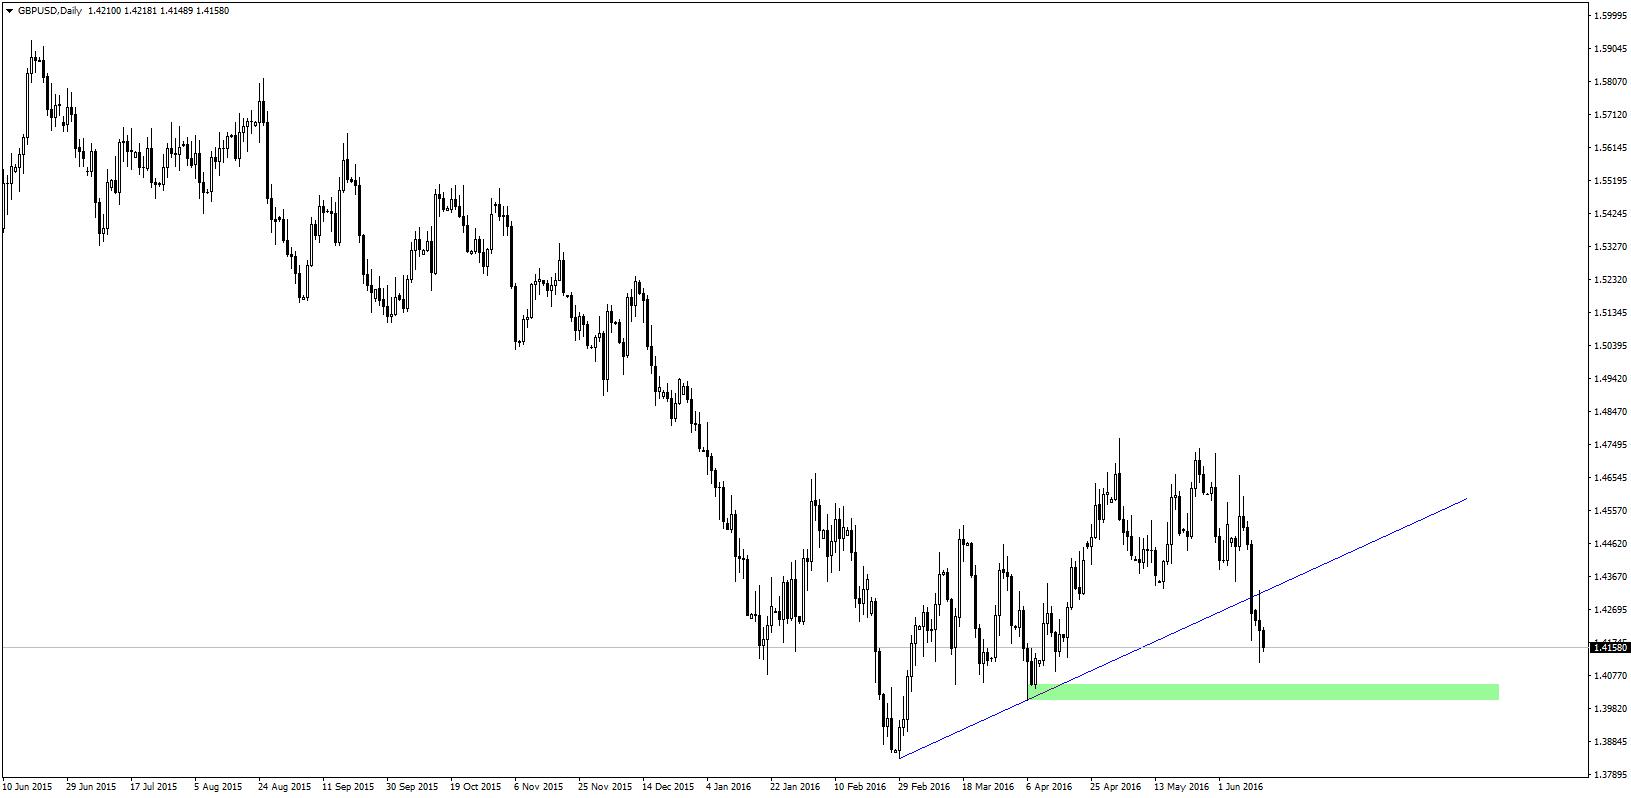 GBP/USD przetestowało przebitą linię trendu wzrostowego. Obecnie para podąża w kierunku wsparcia w okolicy 1,40.